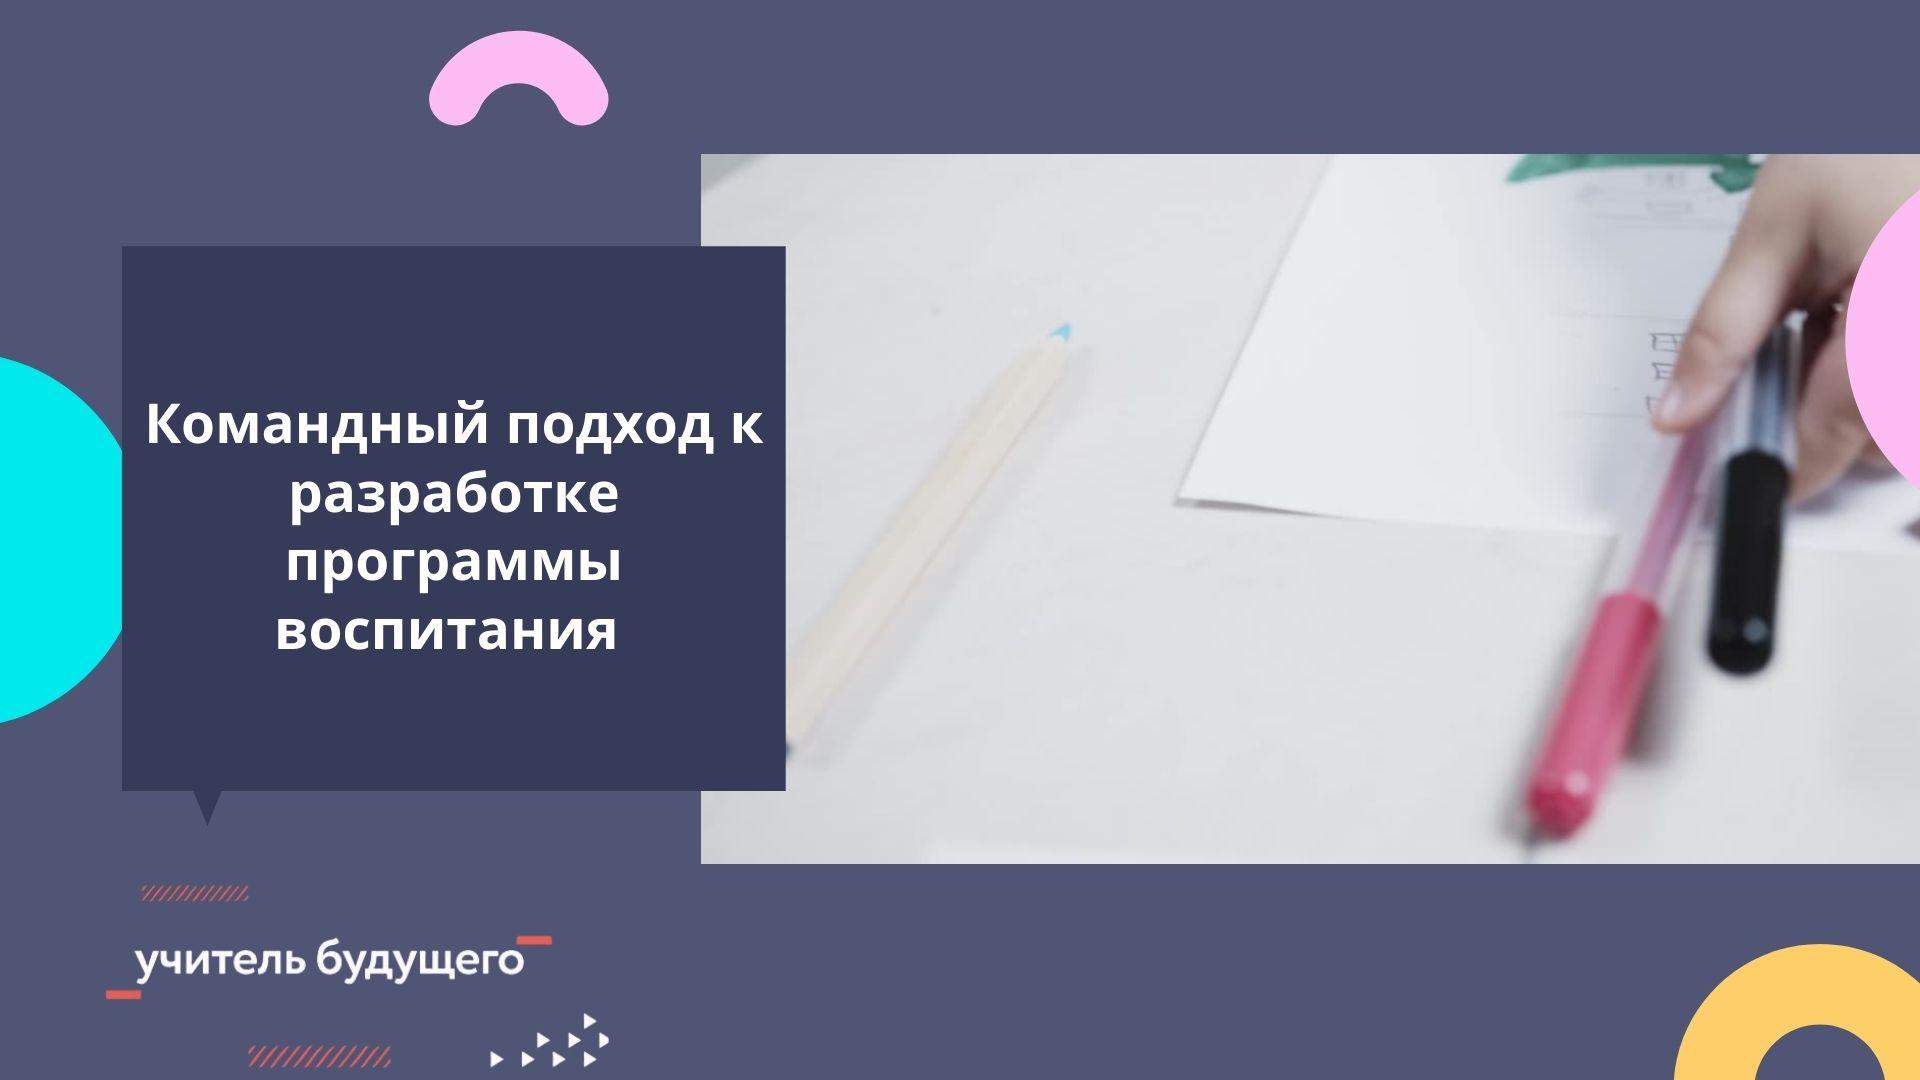 Командный подход к разработке программы воспитания общеобразовательной организации 04.12.2020 - 11.12.2020